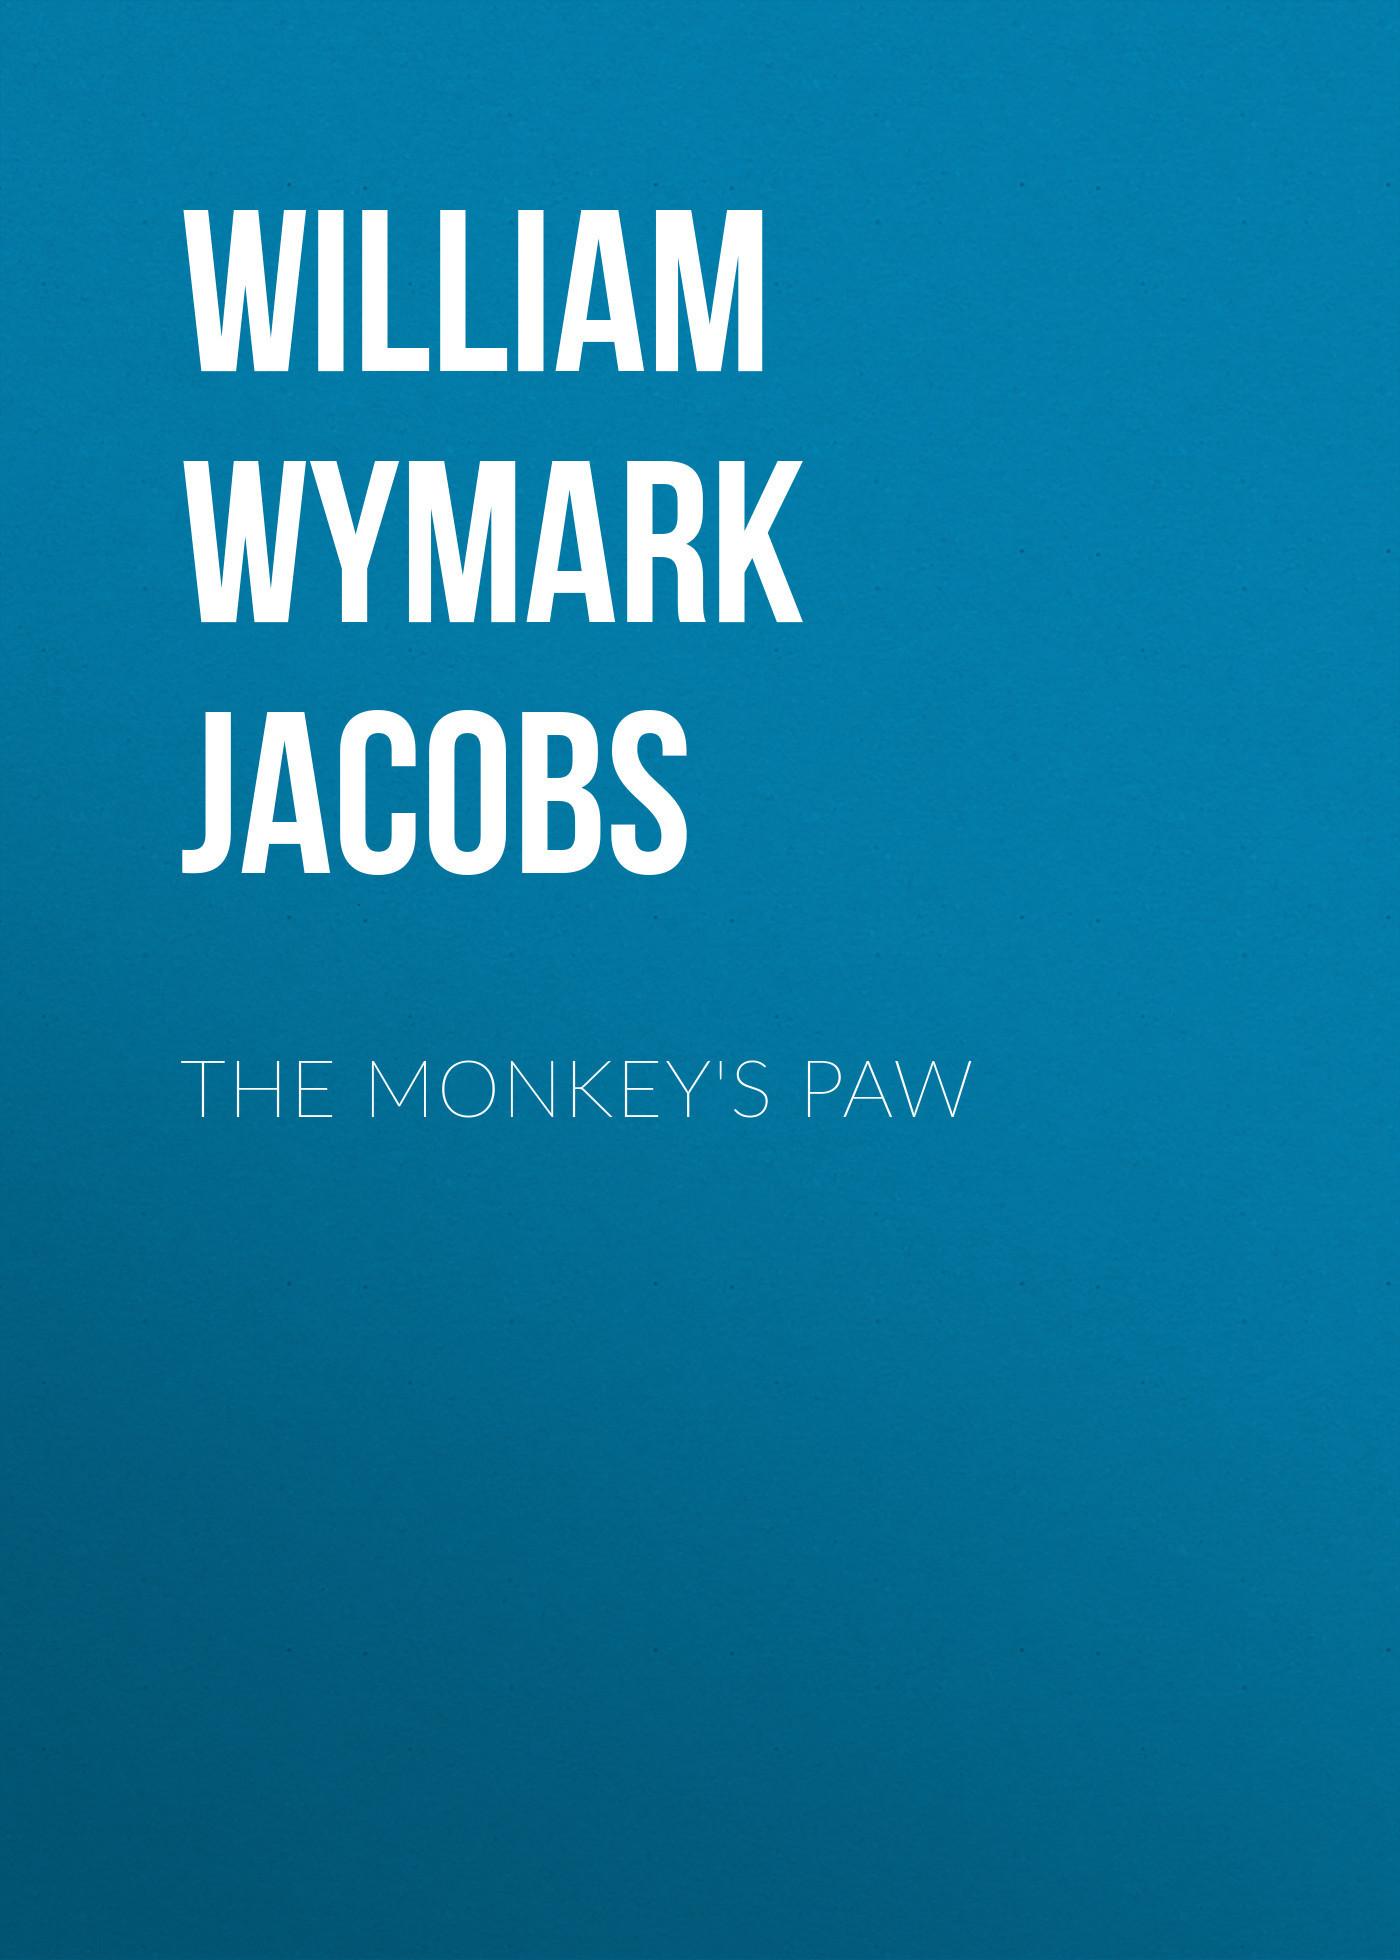 William Wymark Jacobs The Monkey's Paw william wymark jacobs the toll house